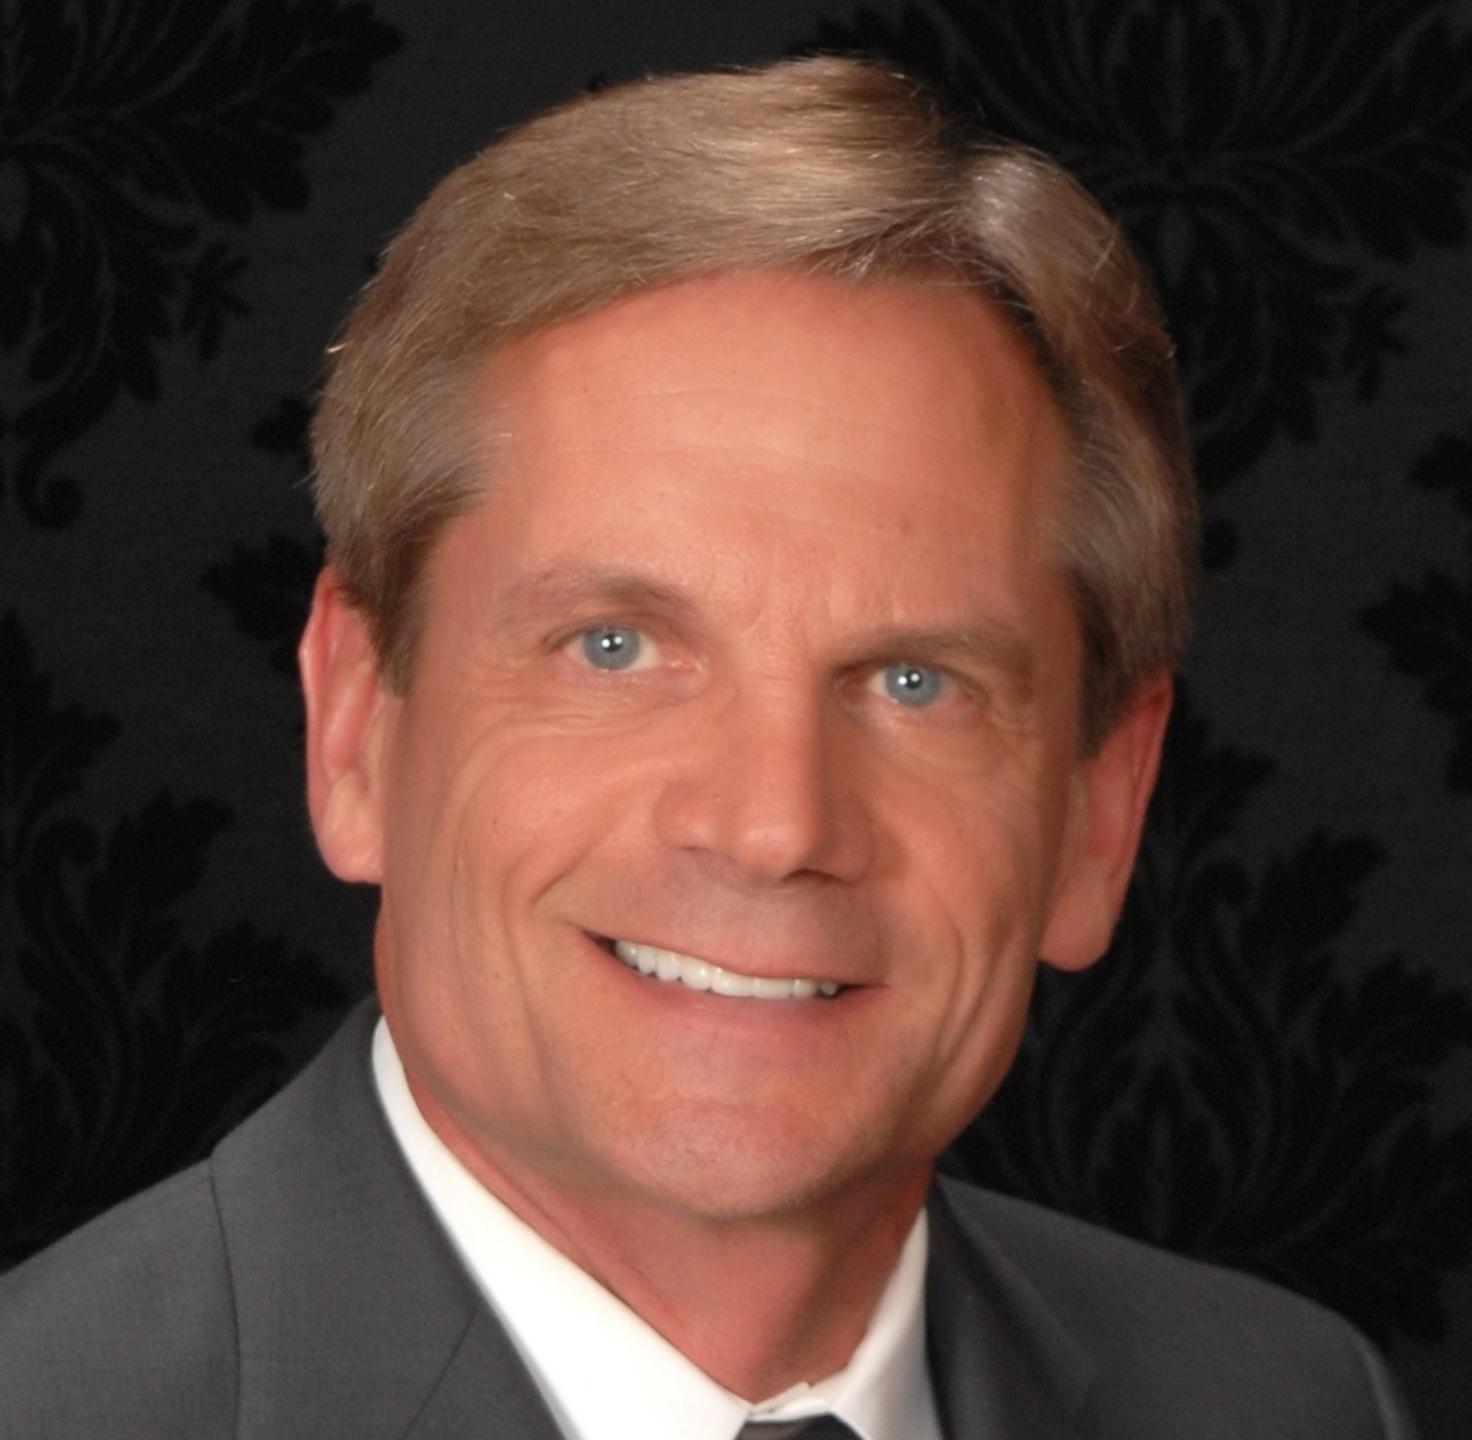 Dr. William J. Kottemann